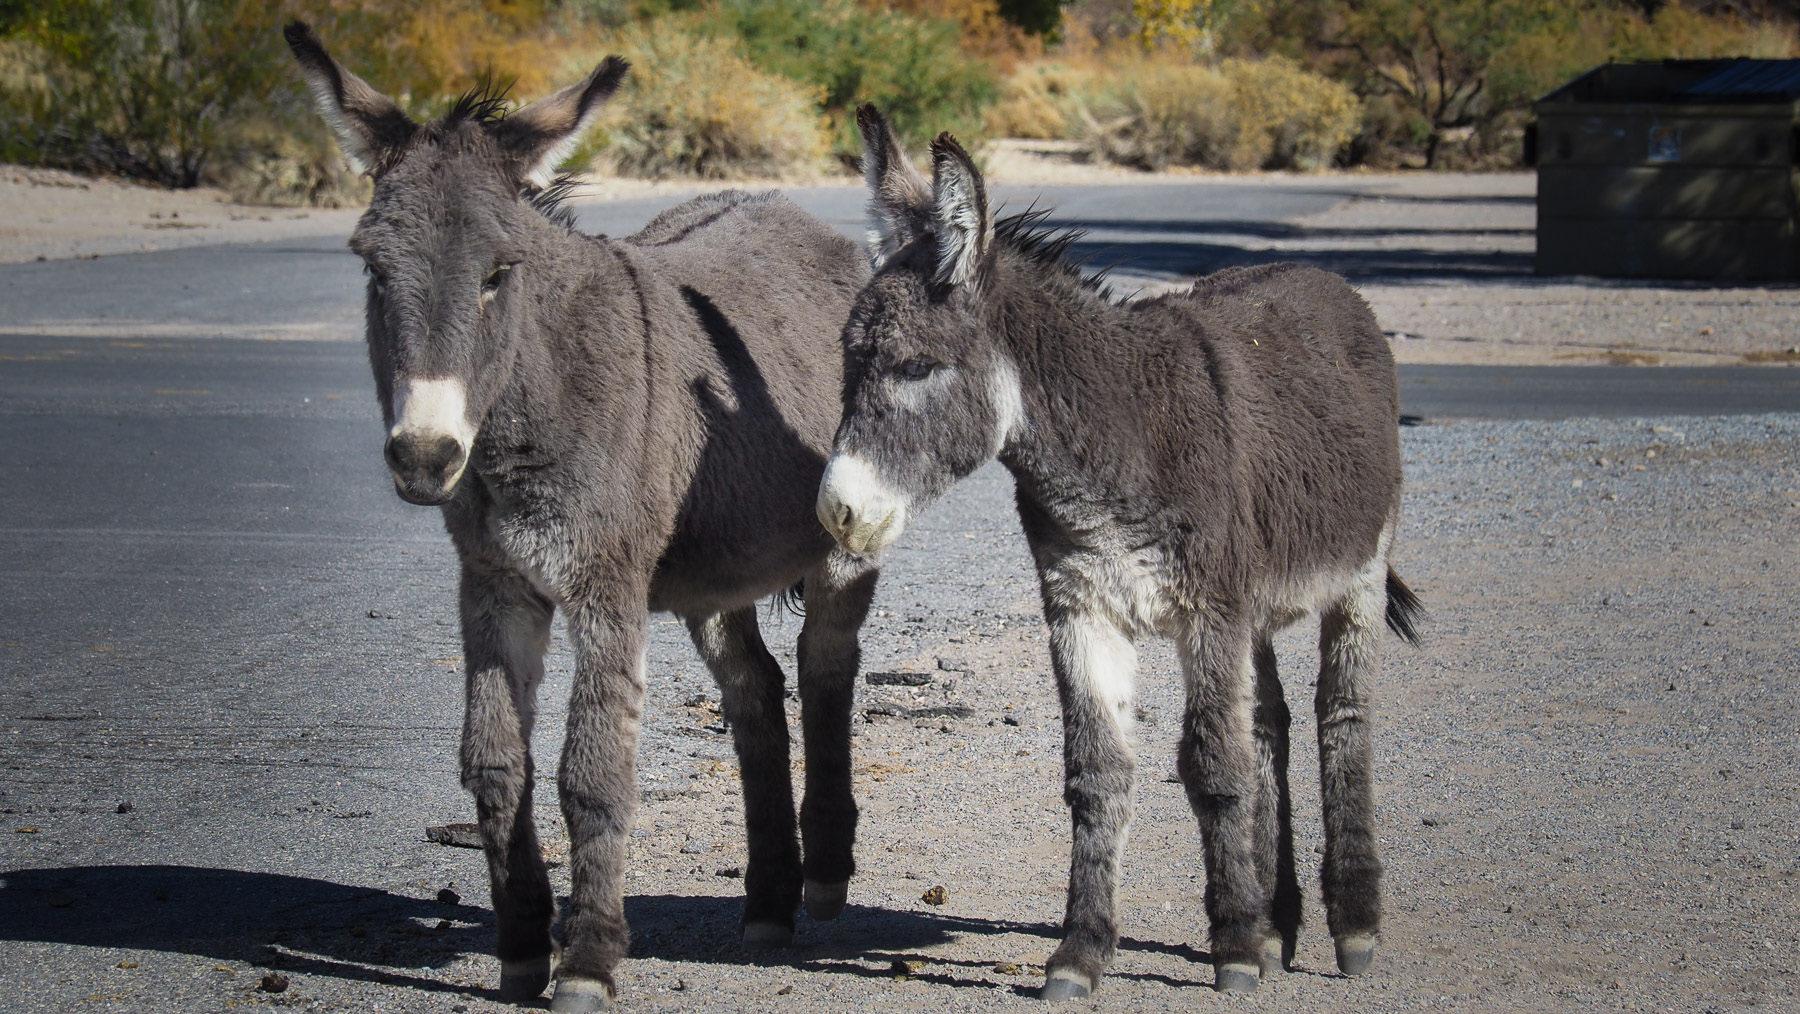 Burros, wilde Esel am Straßenrand